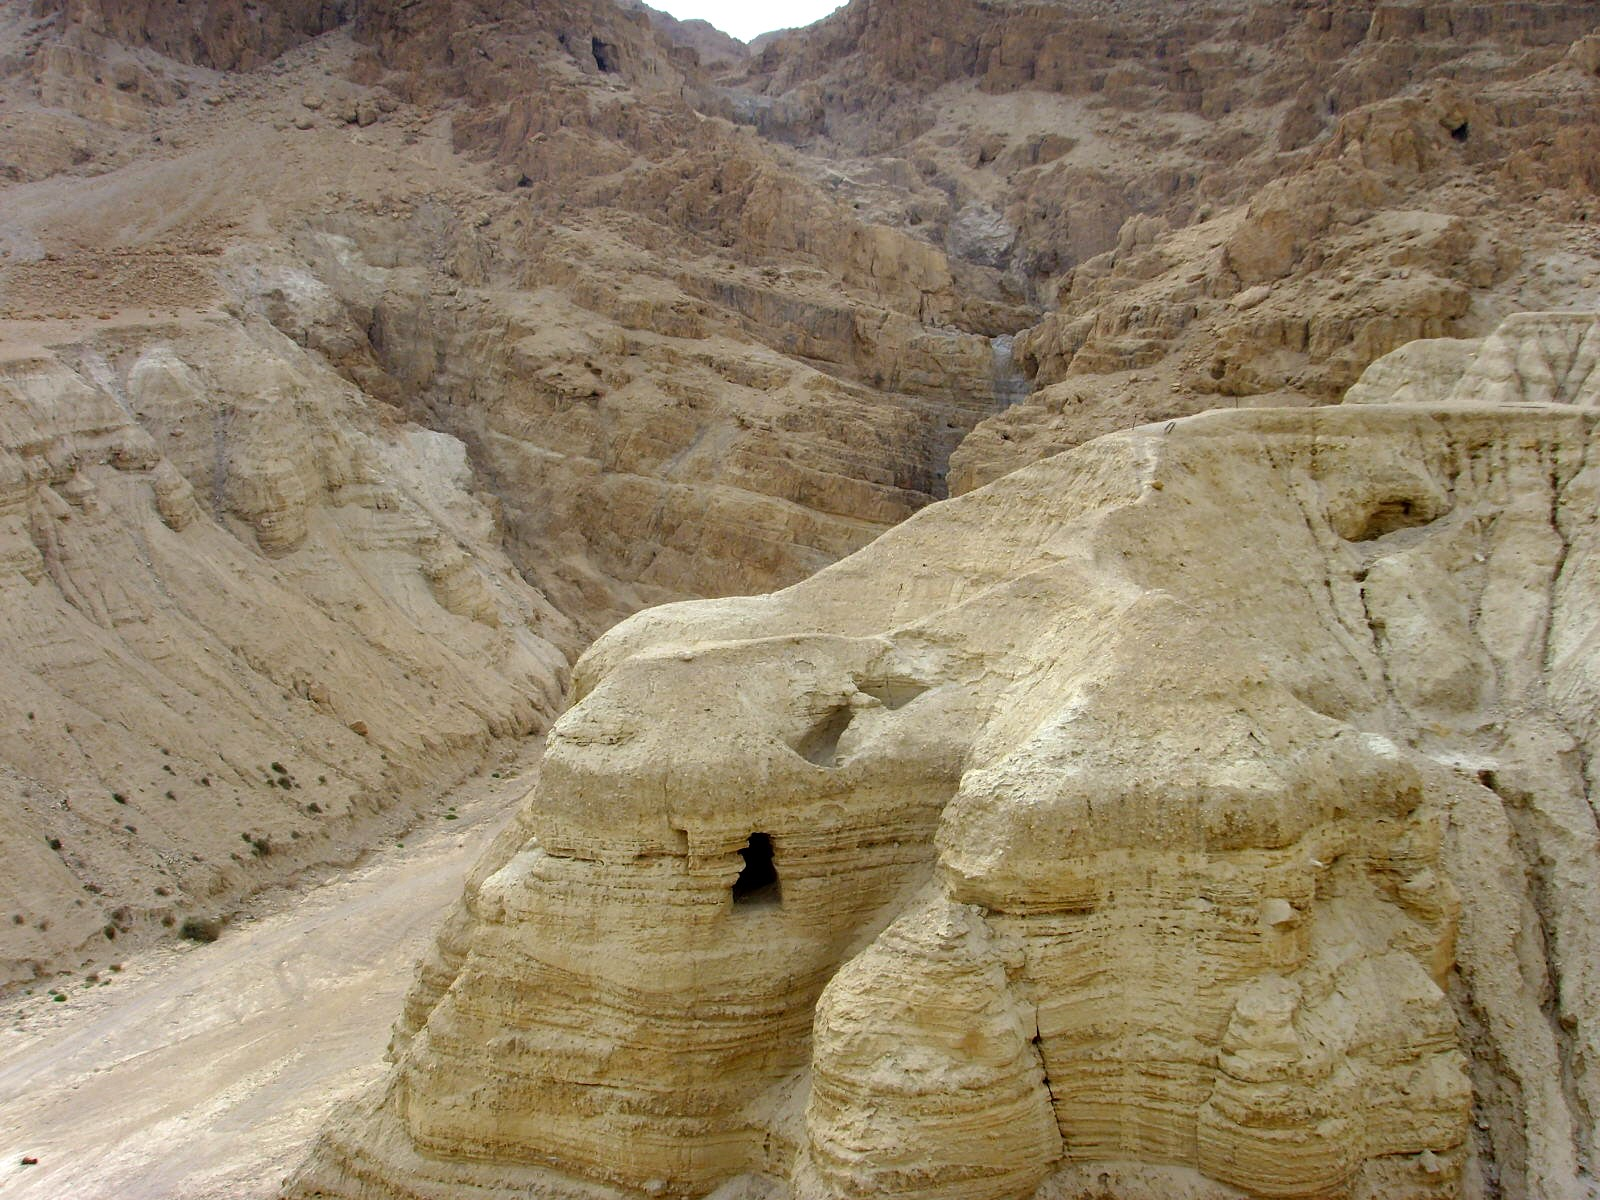 Immagini Natalizie Qumran.Da Qumran La Prova Che Gesu E Nato Il 25 Dicembre Ventiperquattro